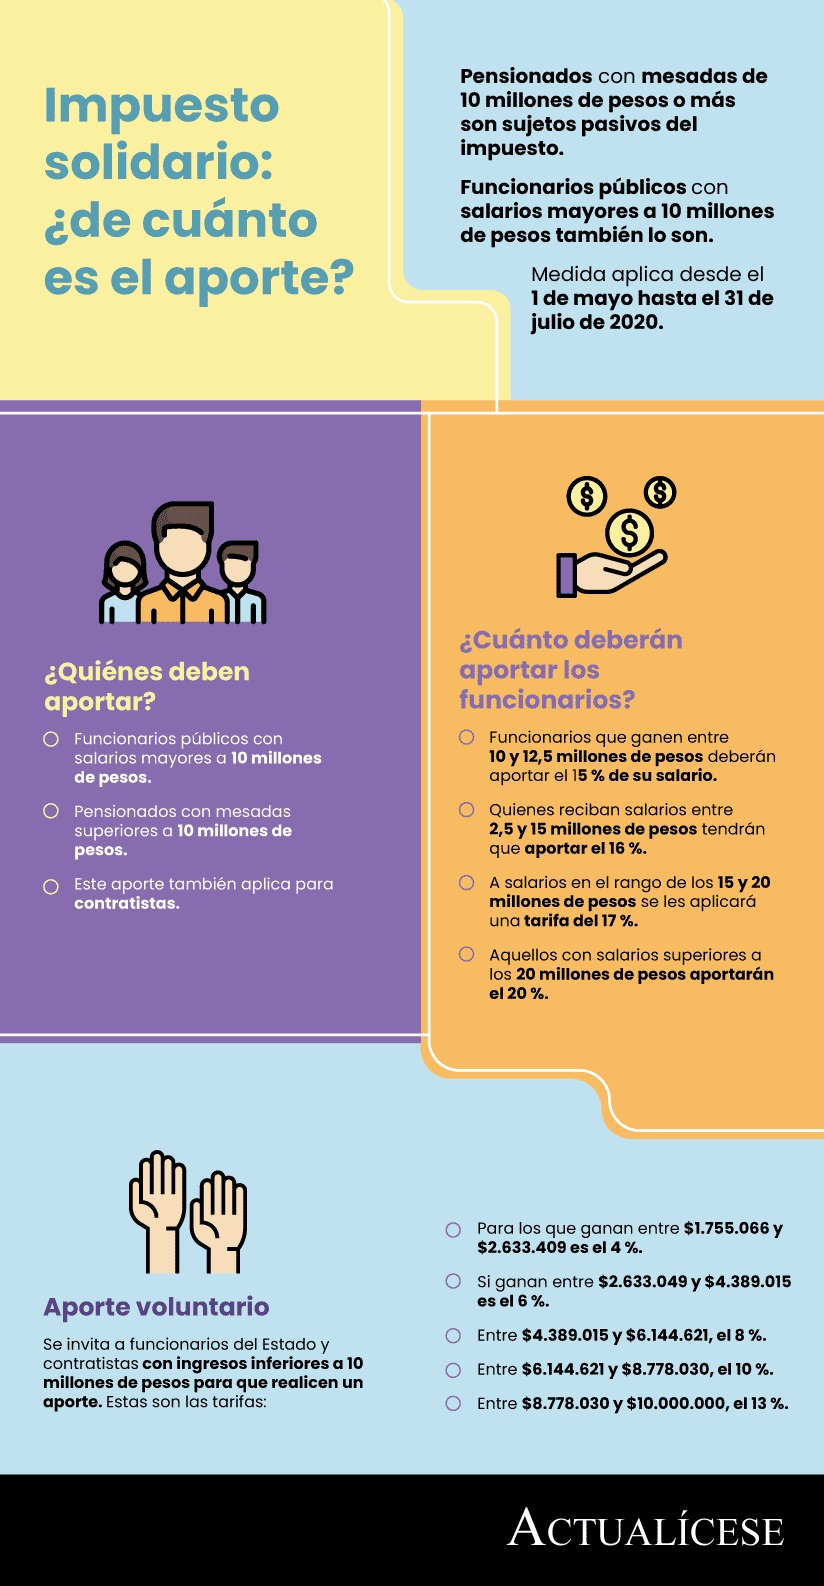 [Infografía] Impuesto solidario: ¿de cuánto es el aporte?